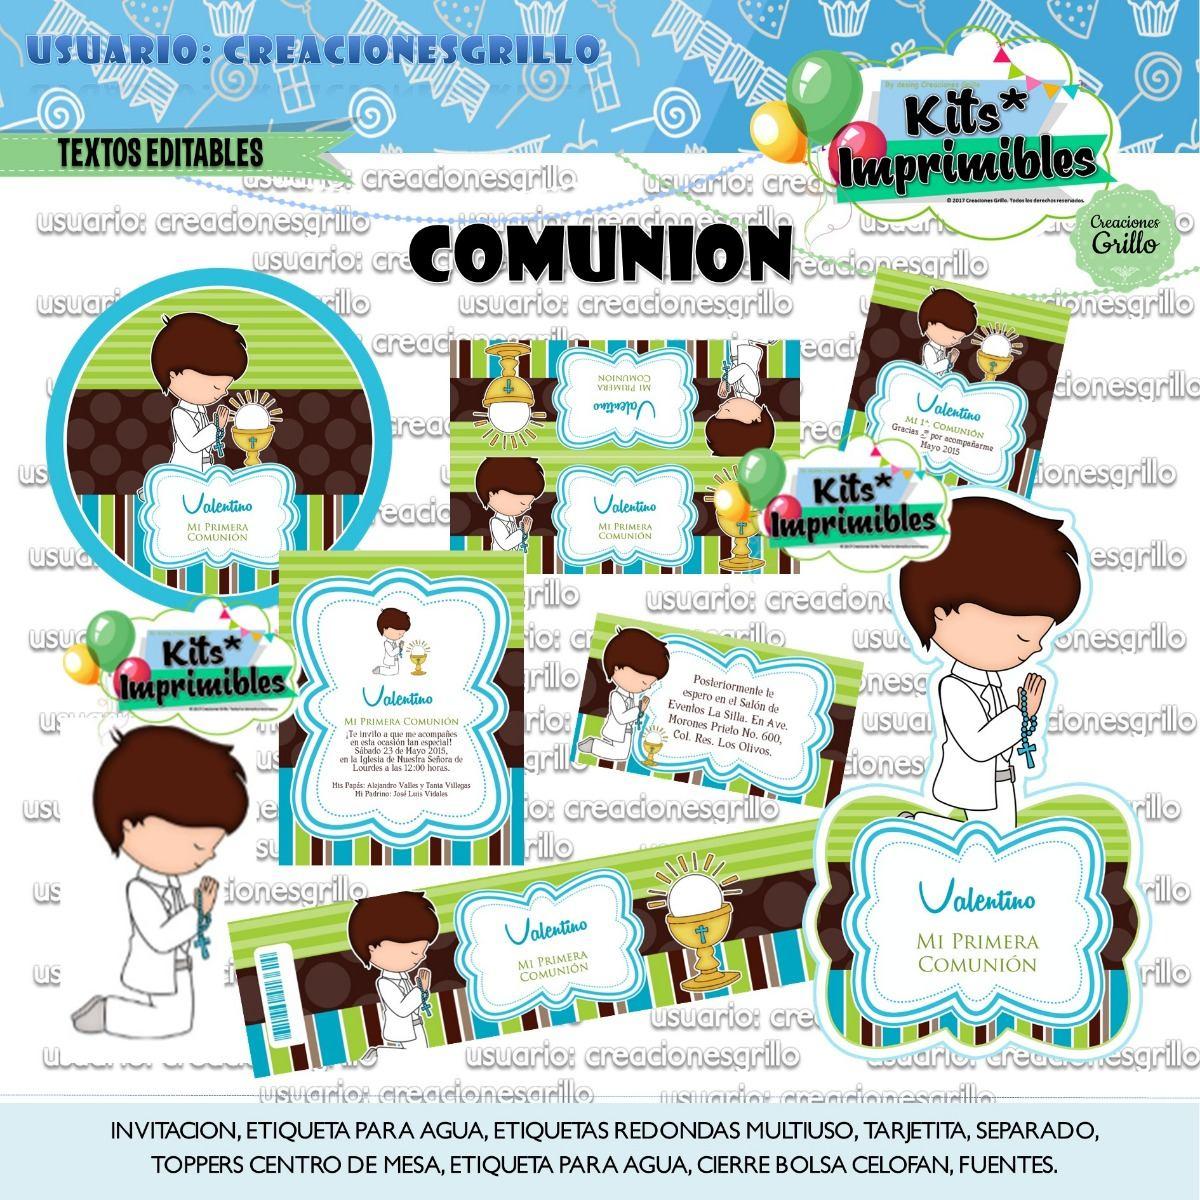 Kit Imprimible Comunion 2x1 - $ 56,00 en Mercado Libre